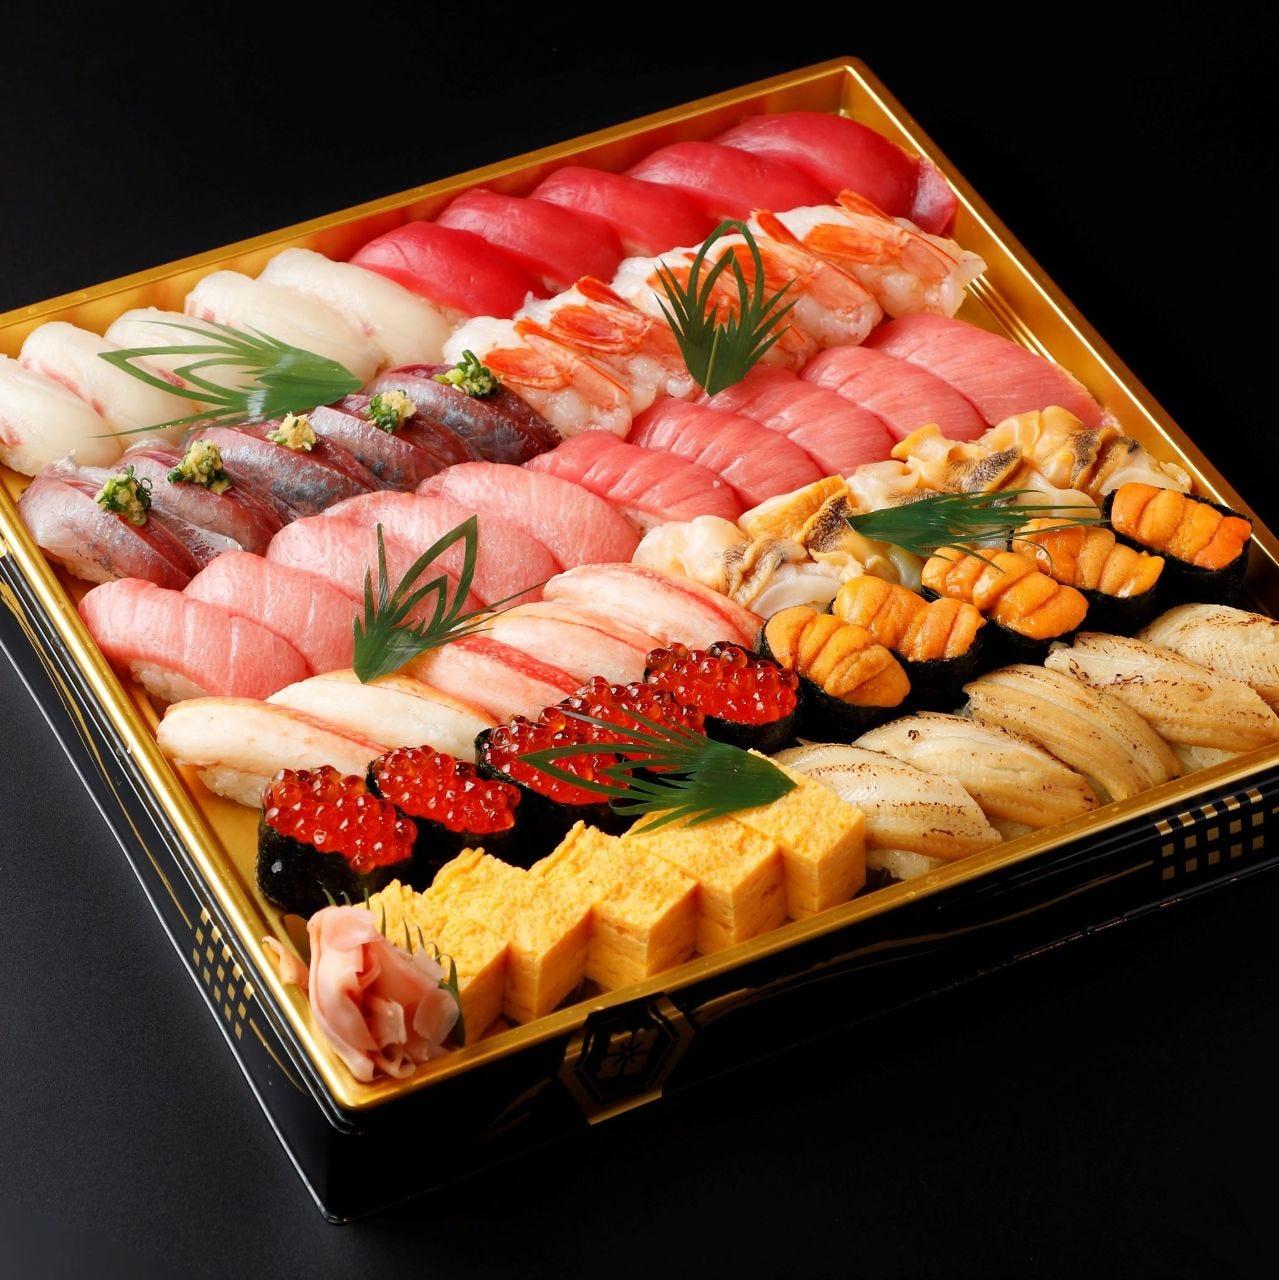 すし華亭のお持ち帰り寿司 家庭で職人がにぎる美味しいお寿司